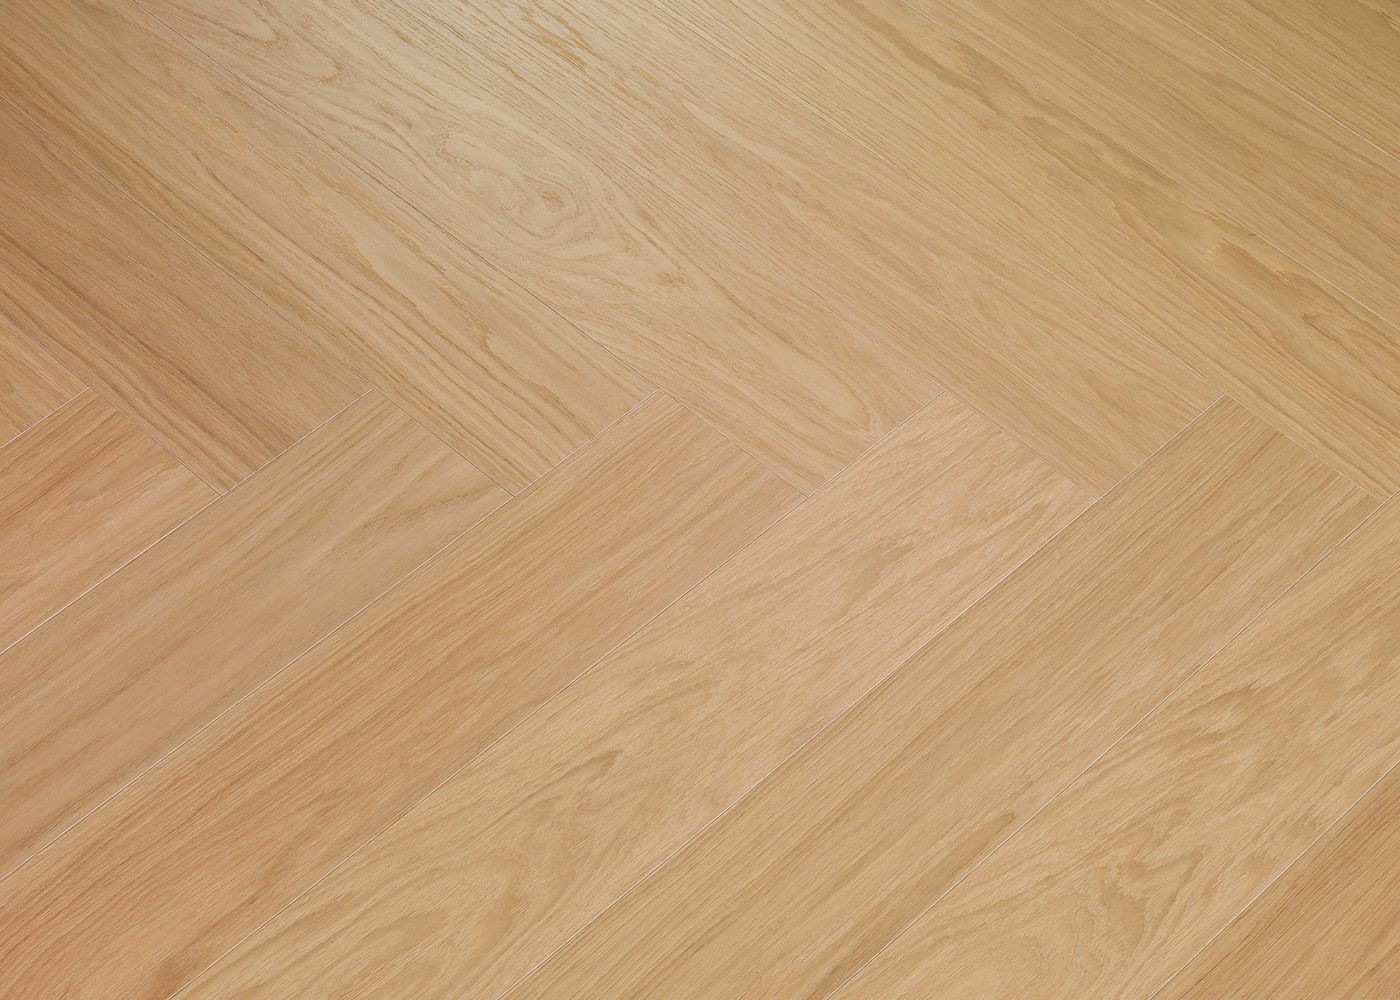 Sol plaqué bois Chêne COME brossé vernis extra-mat - Swing - Select 10x121x593